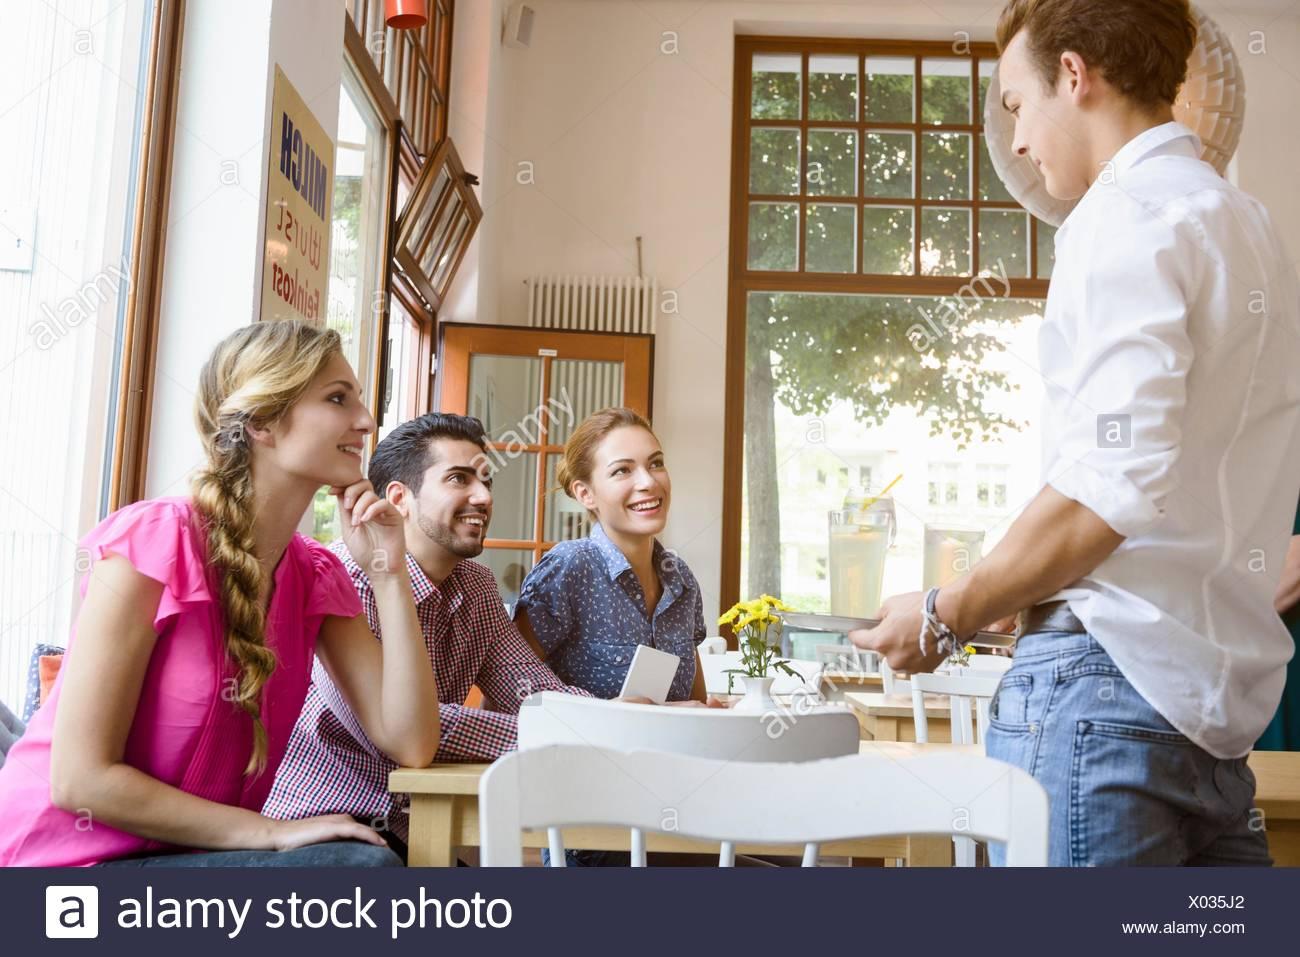 Cameriere facendo ordine da giovani amici adulti in cafe Immagini Stock